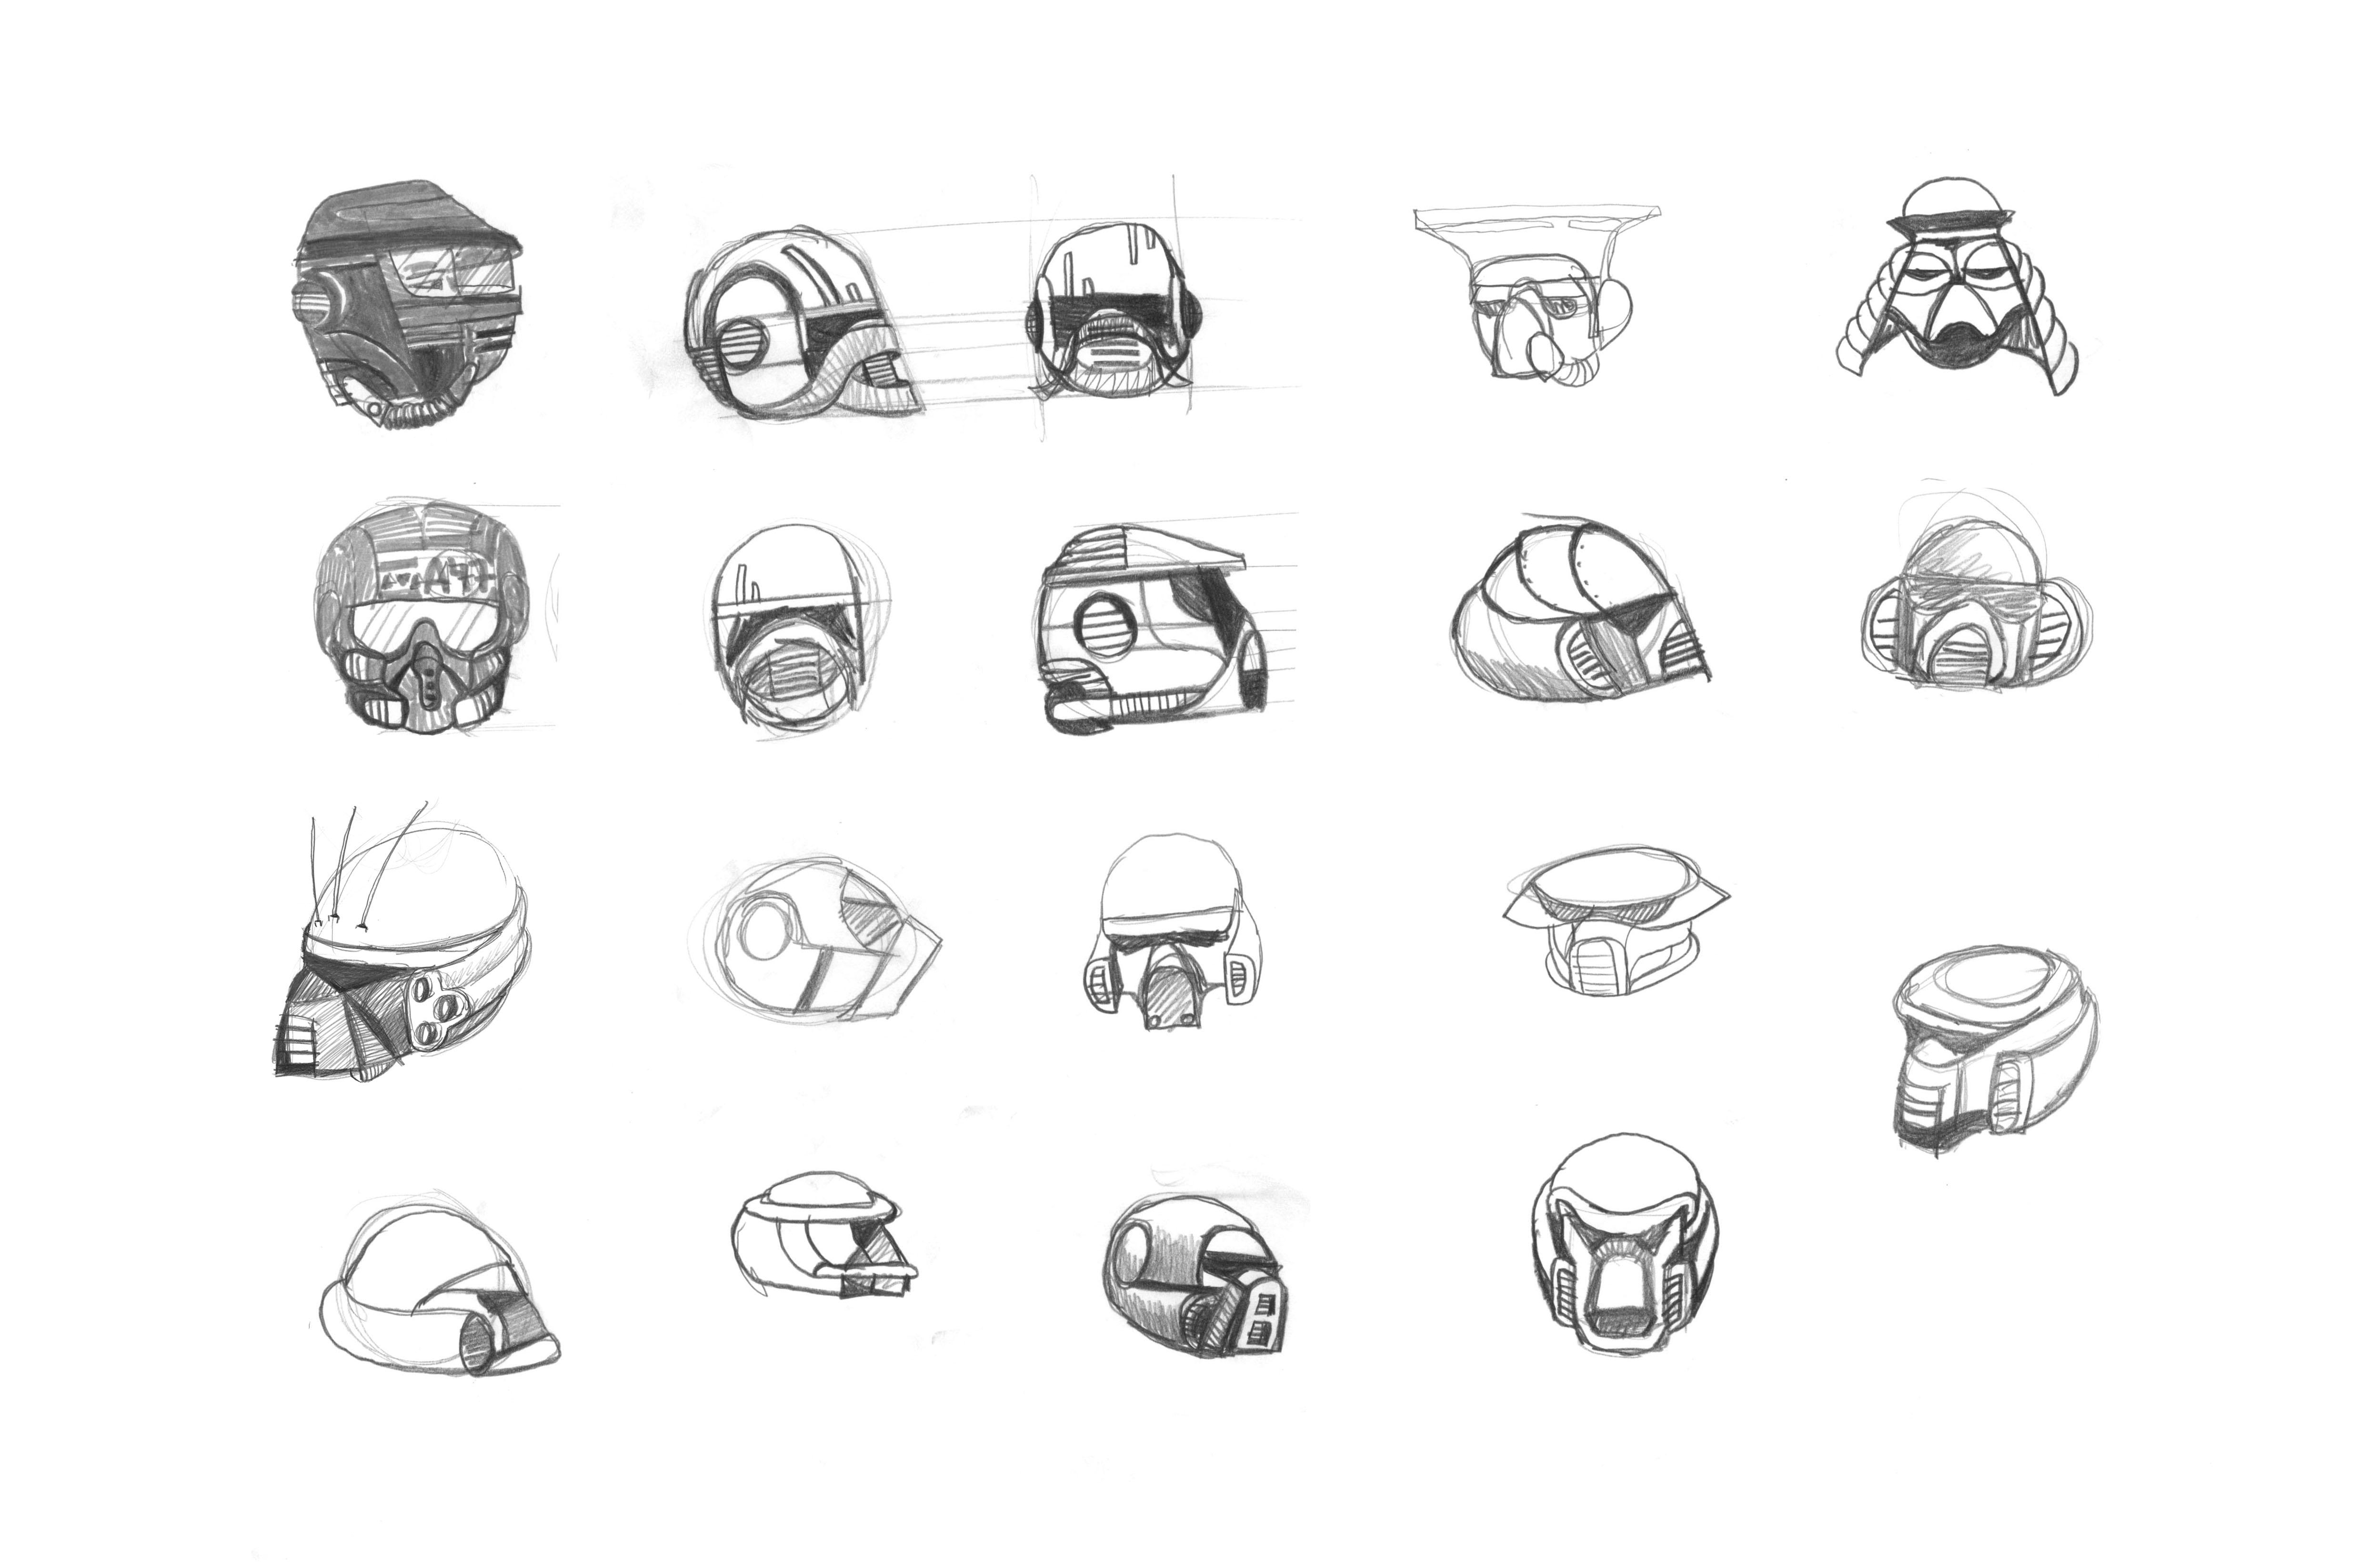 Dallas Cowboys Sketch Templates